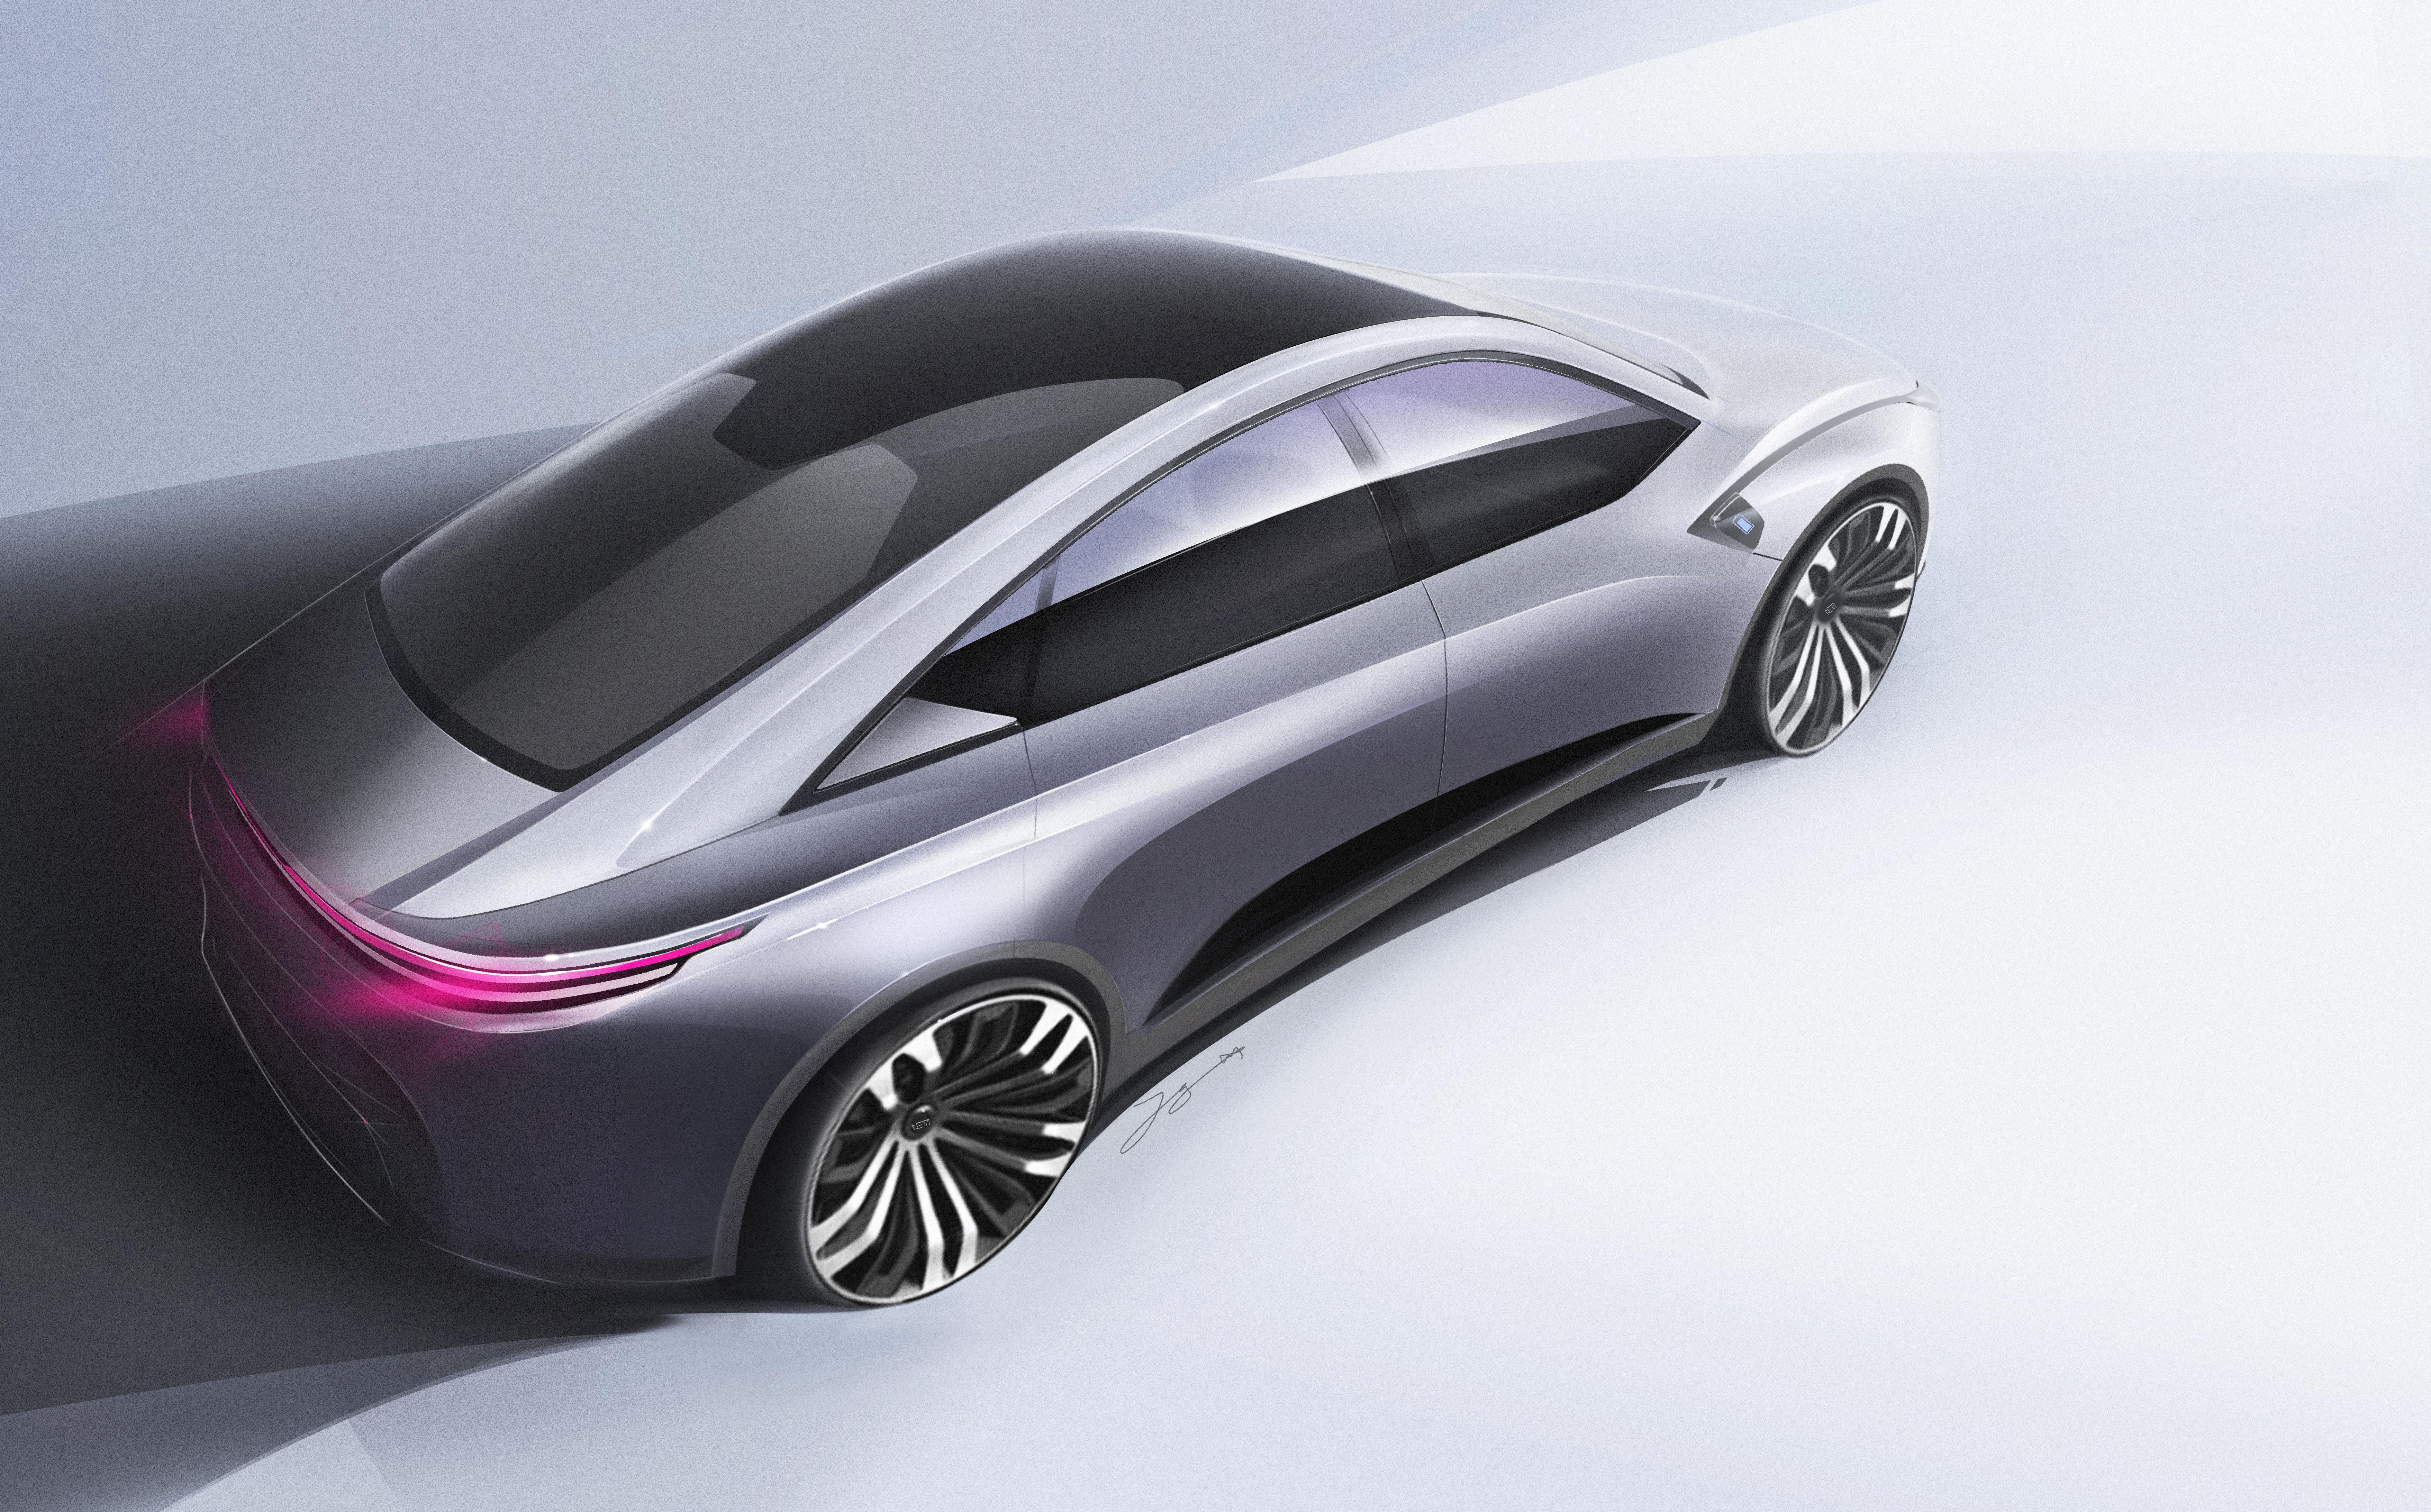 上海车展开幕在即 合众汽车三款新车将亮相